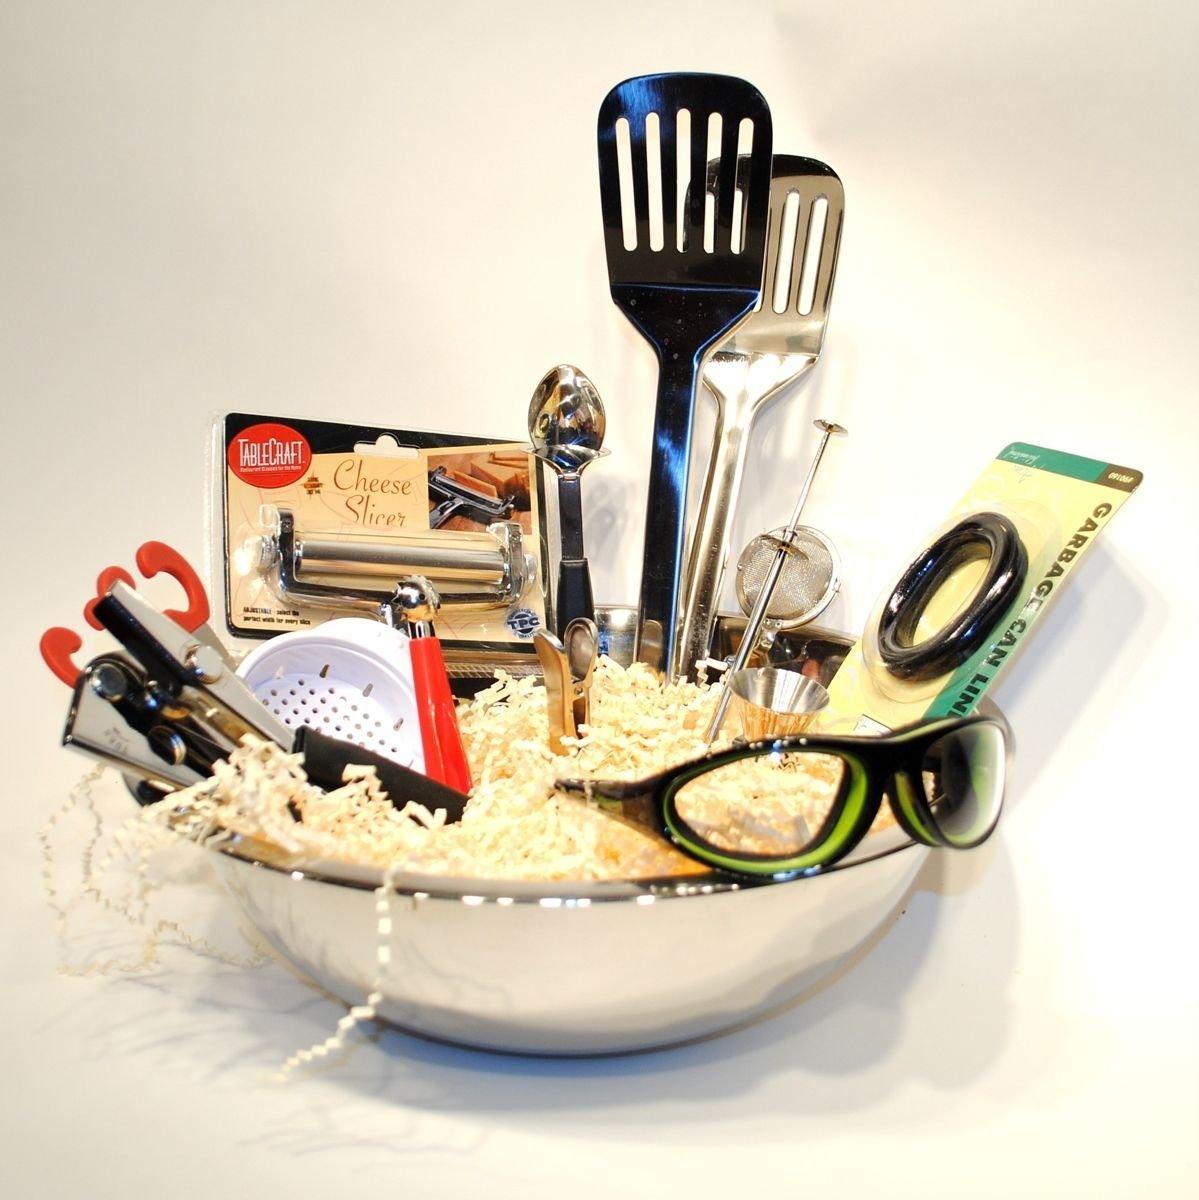 10 Elegant Creative Gift Ideas For Women gift basket ideas for women the gift baskets are school 2020